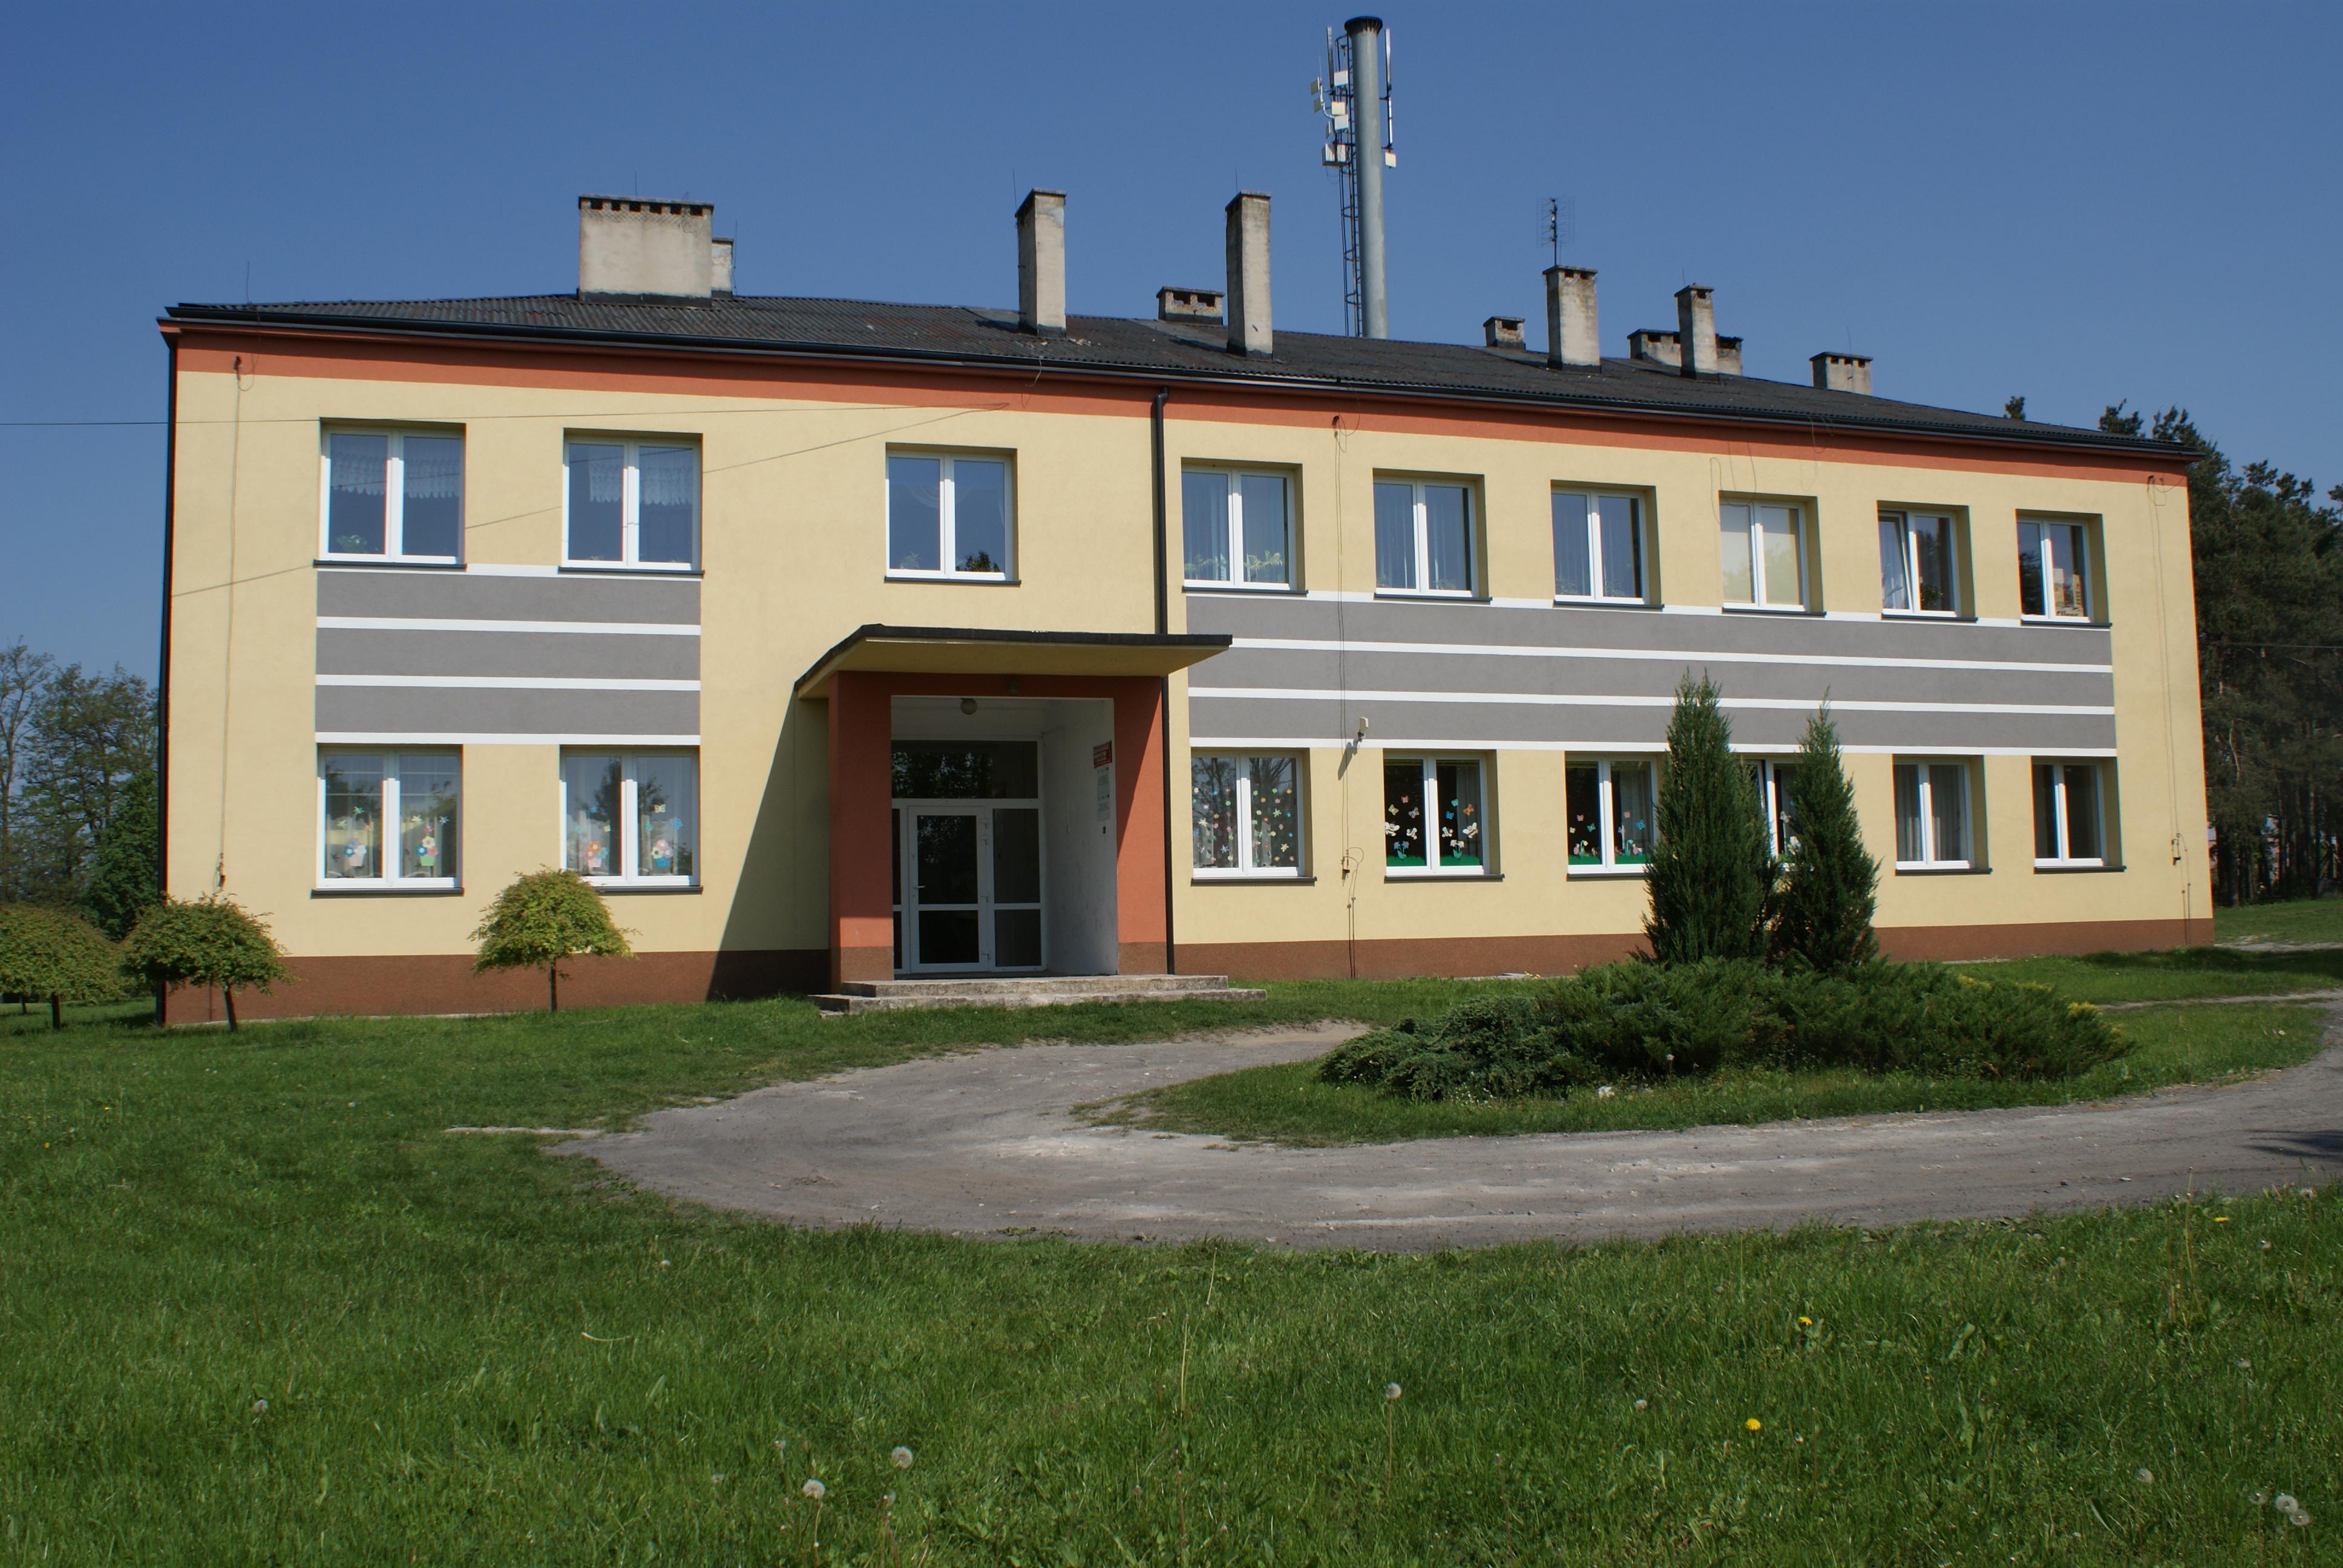 Zdjęcie Przedszkola Oddział wOlbrachcicach